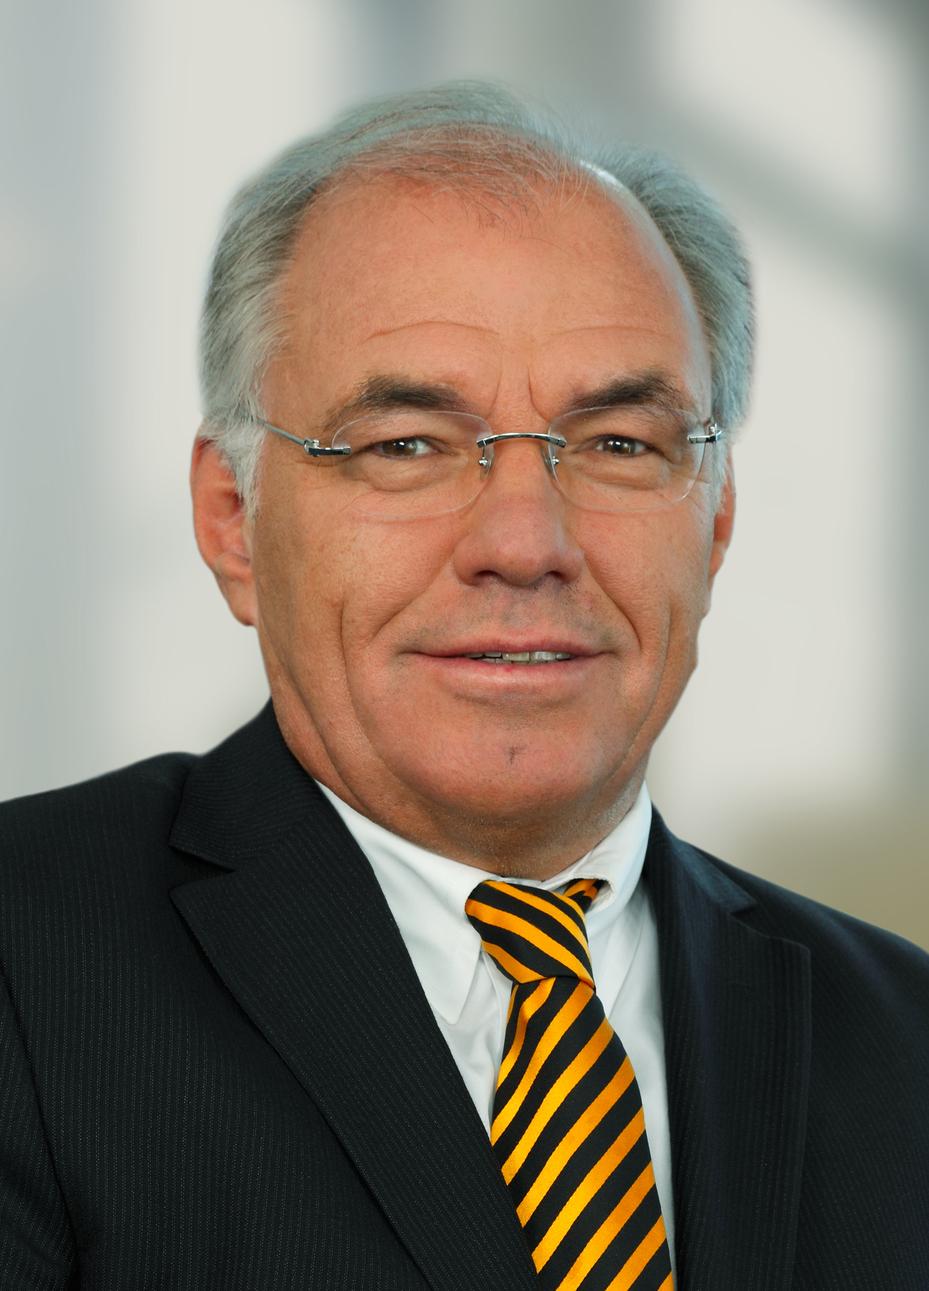 Deutscher Imtech Chef Betz Ist Zurück Reten